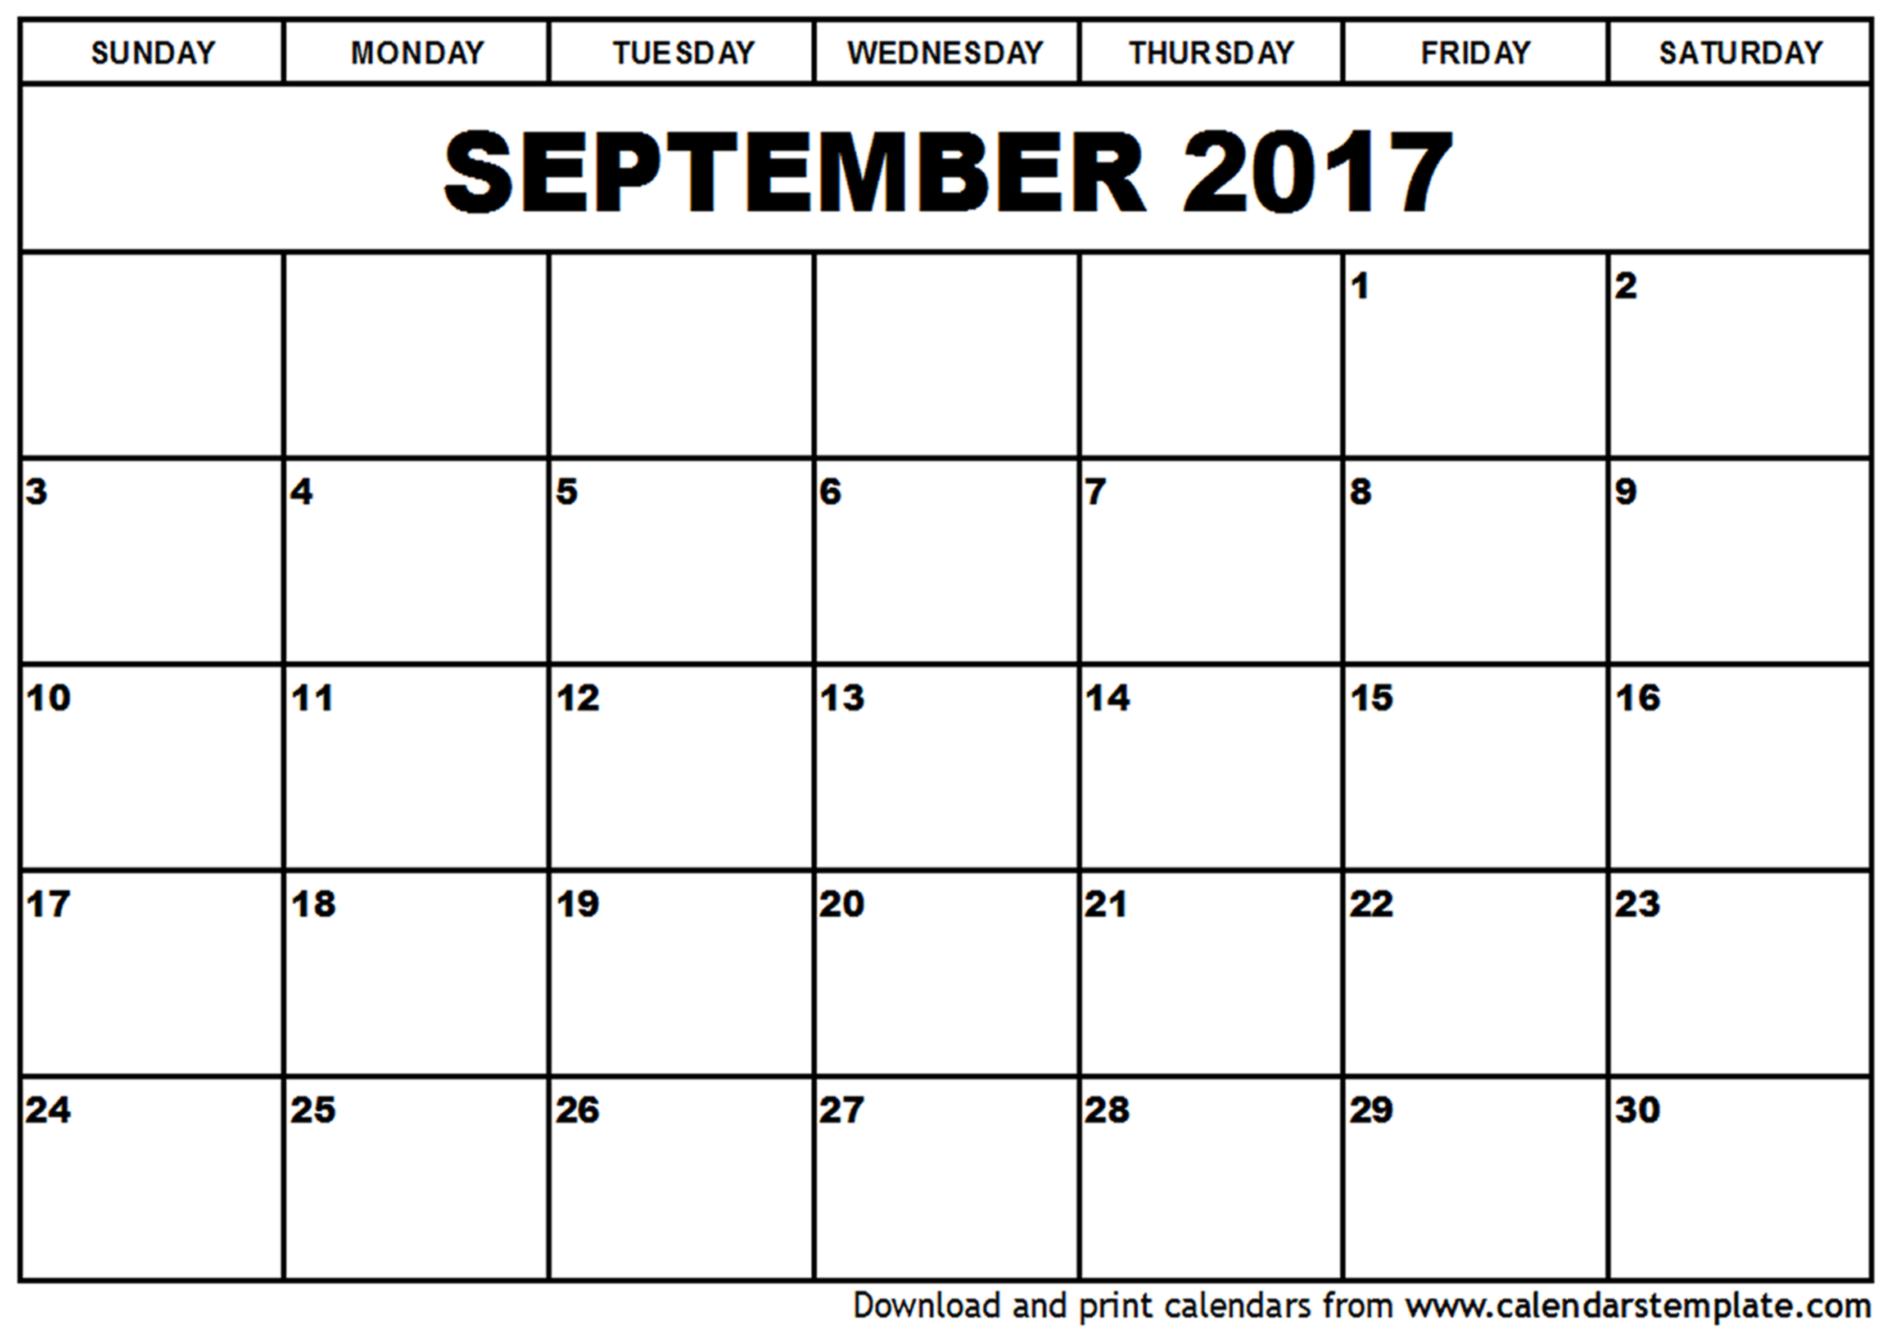 September 2017 Calendar Excel | 2017 calendar with holidays